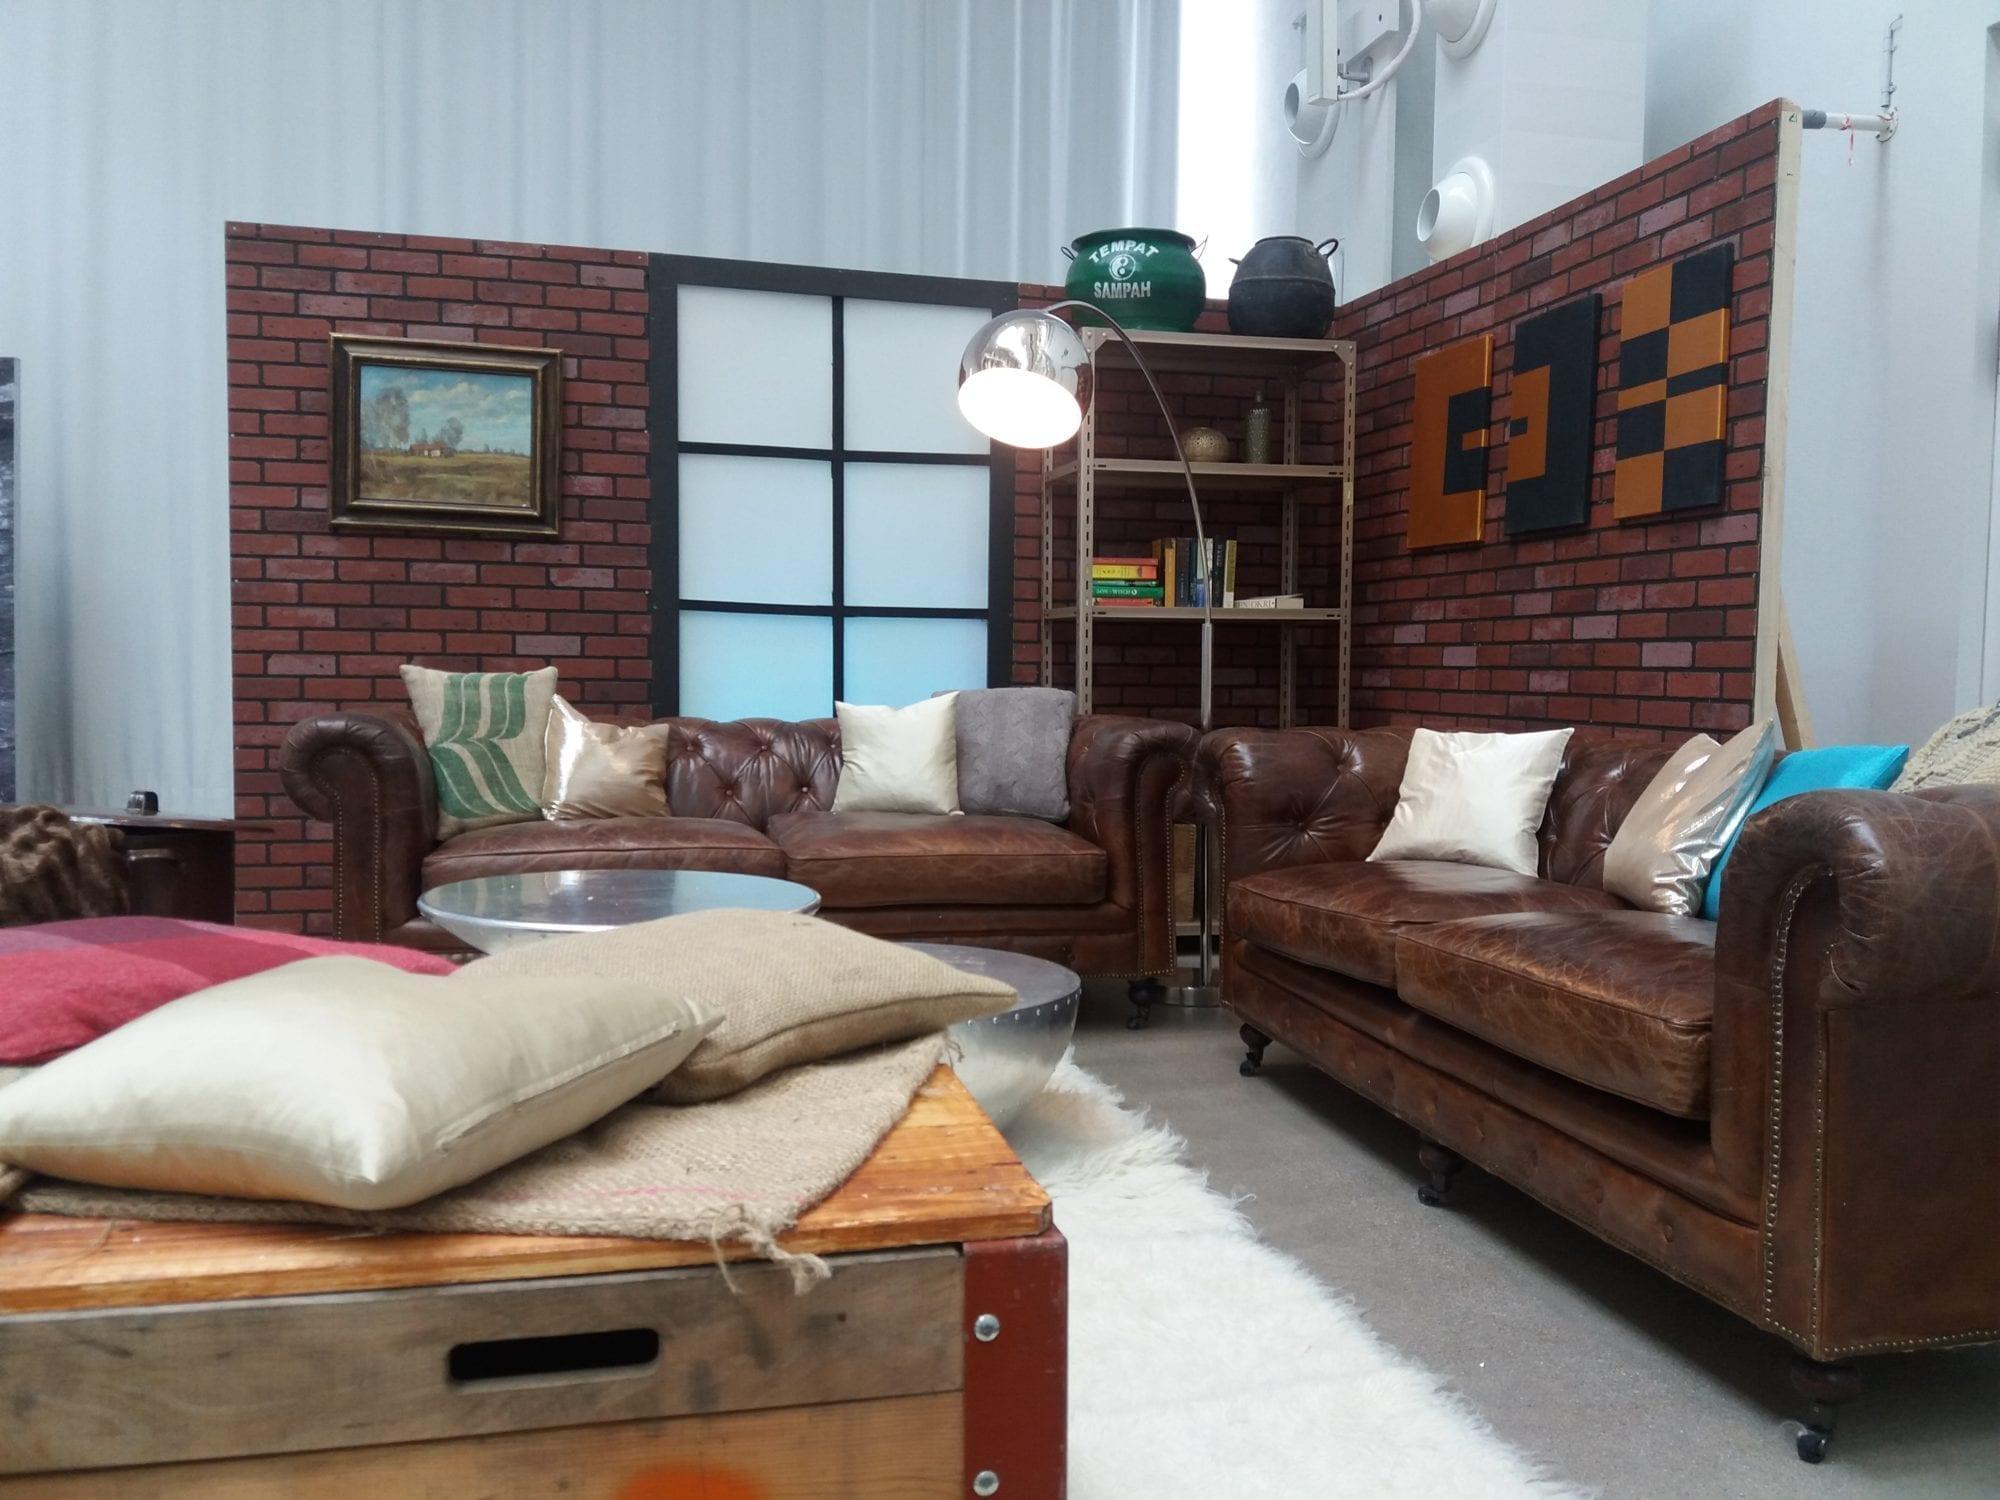 beistell-tisch armee mieten rent-a-lounge 1